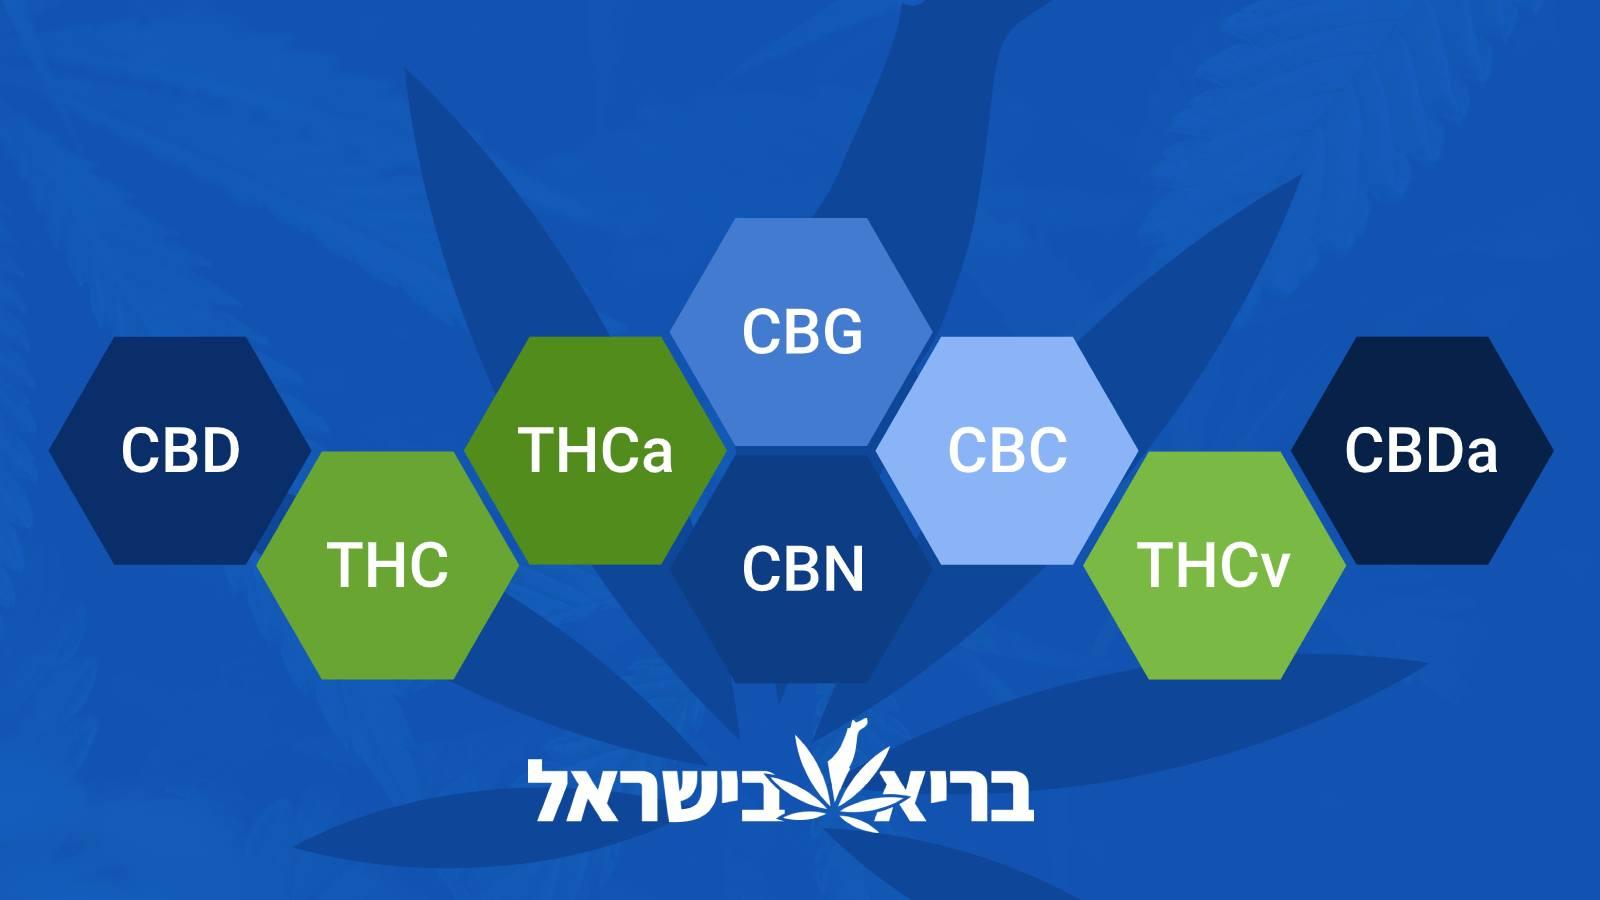 מה ההבדל בין THC ל-CBD? - בריא בישראל